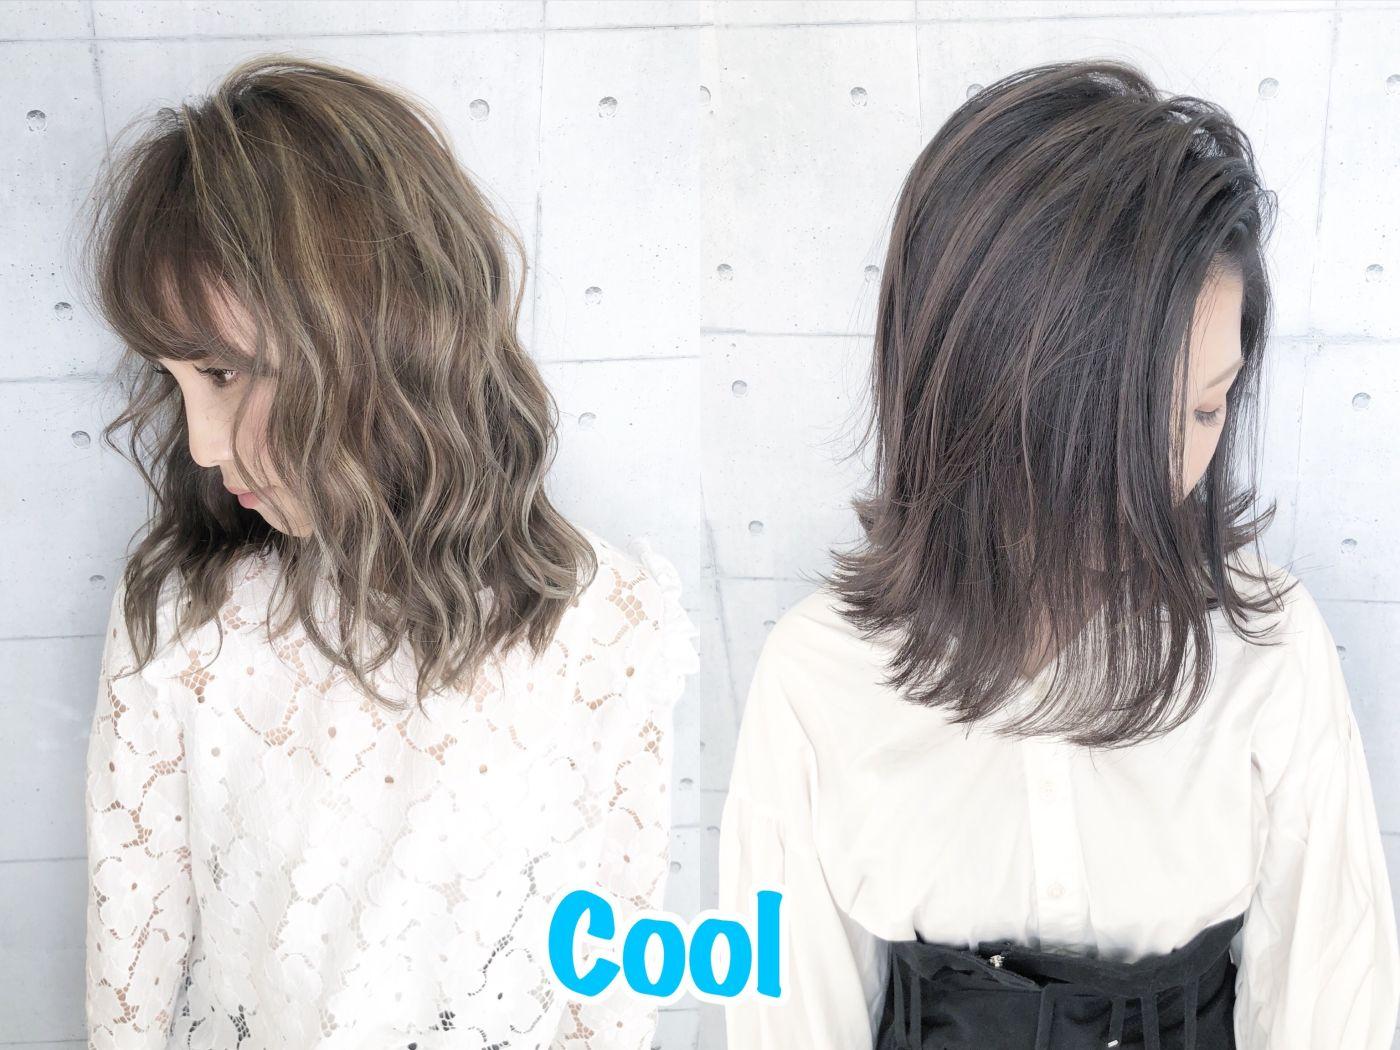 色白(青味)の肌色の方に似合うヘアカラー